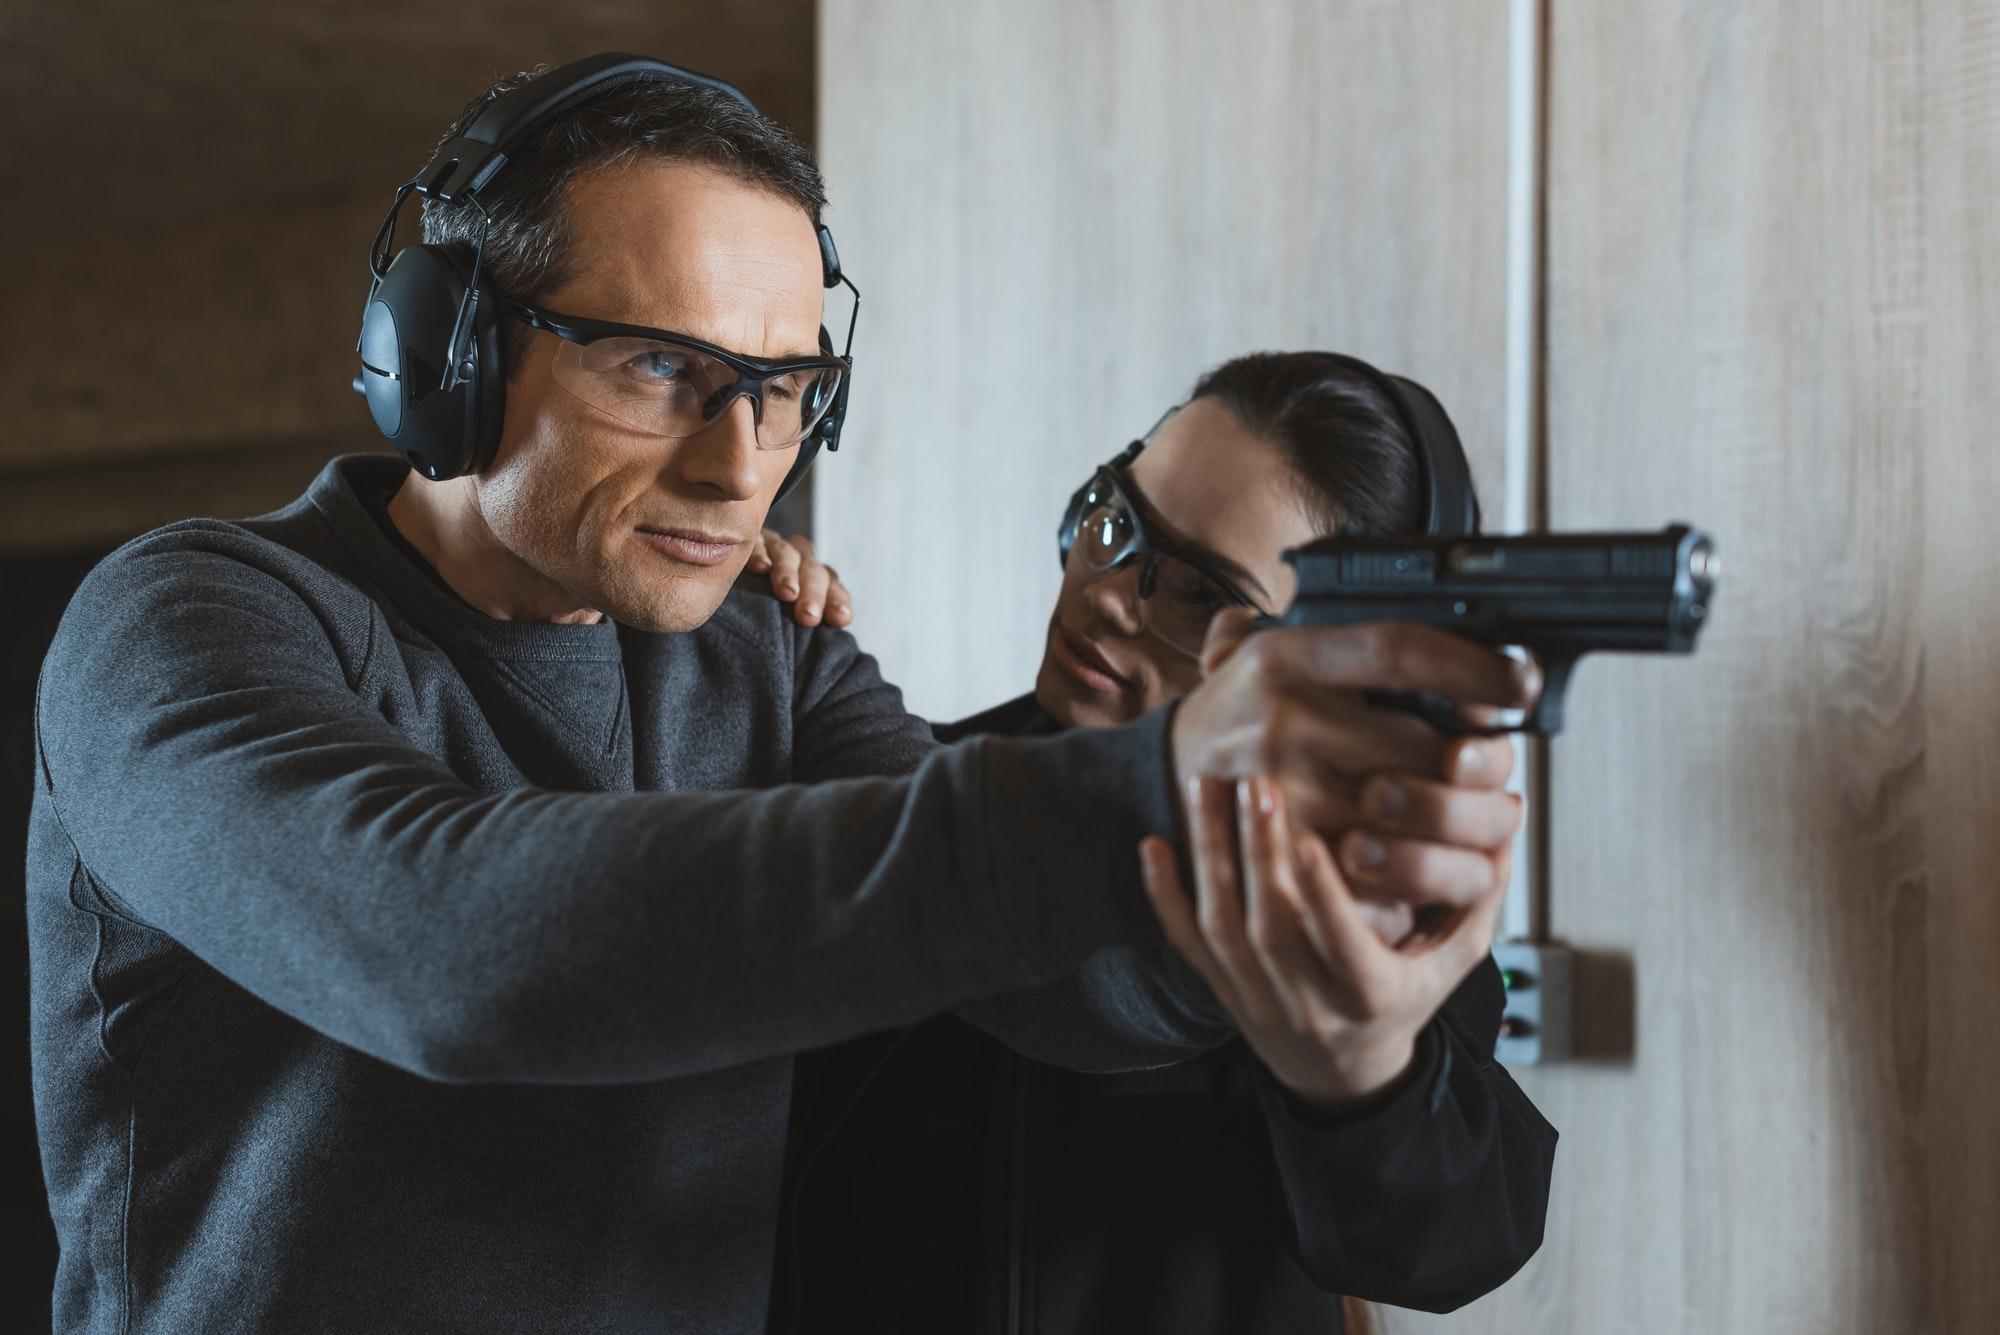 Alec Baldwin kommer til at skyde en kvinde under en film indspilning